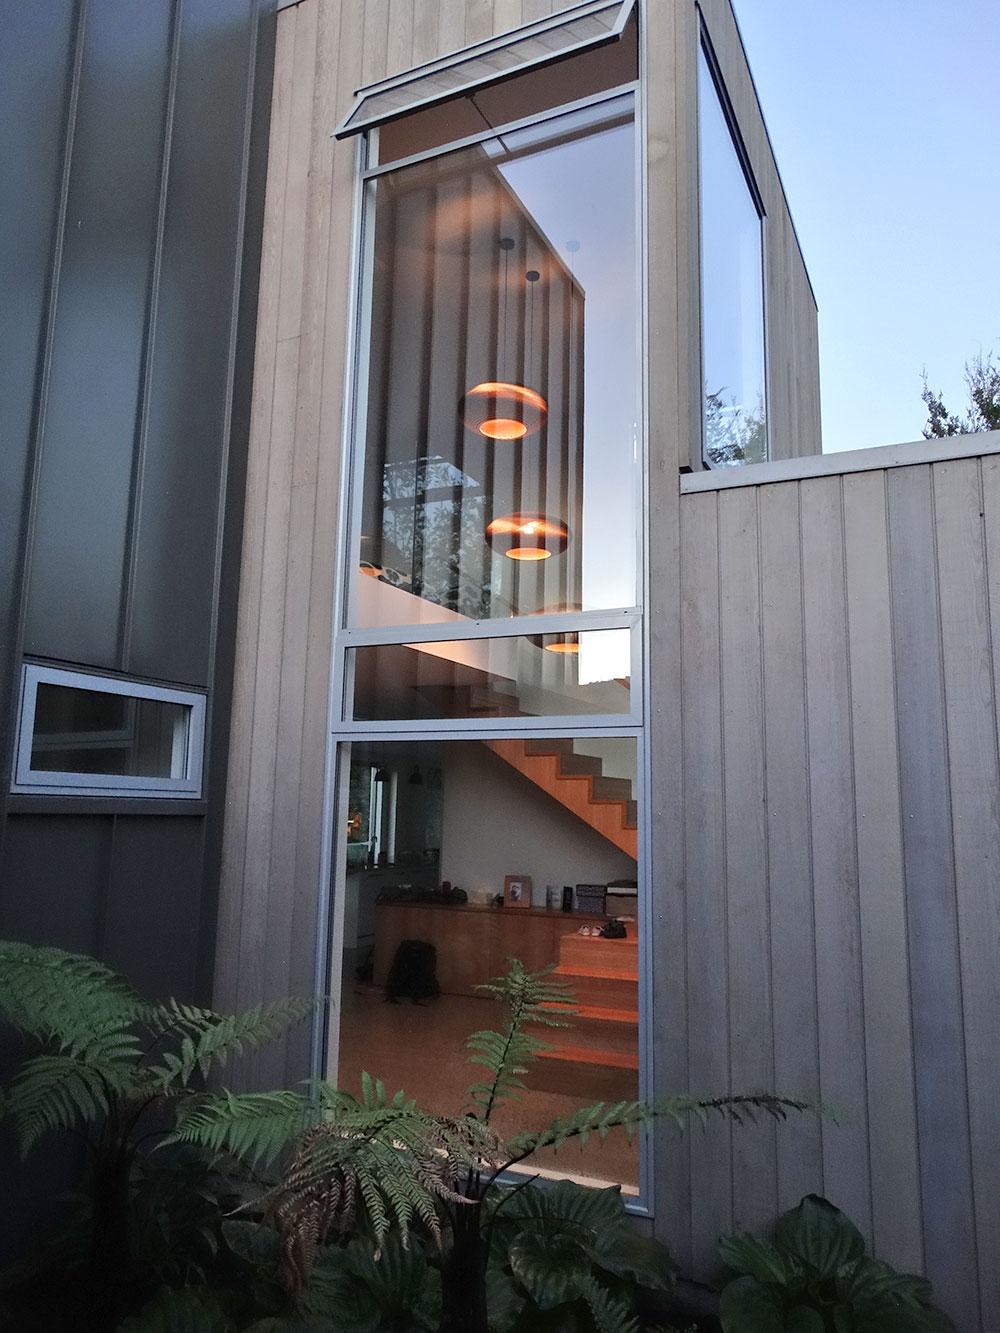 Western feature window